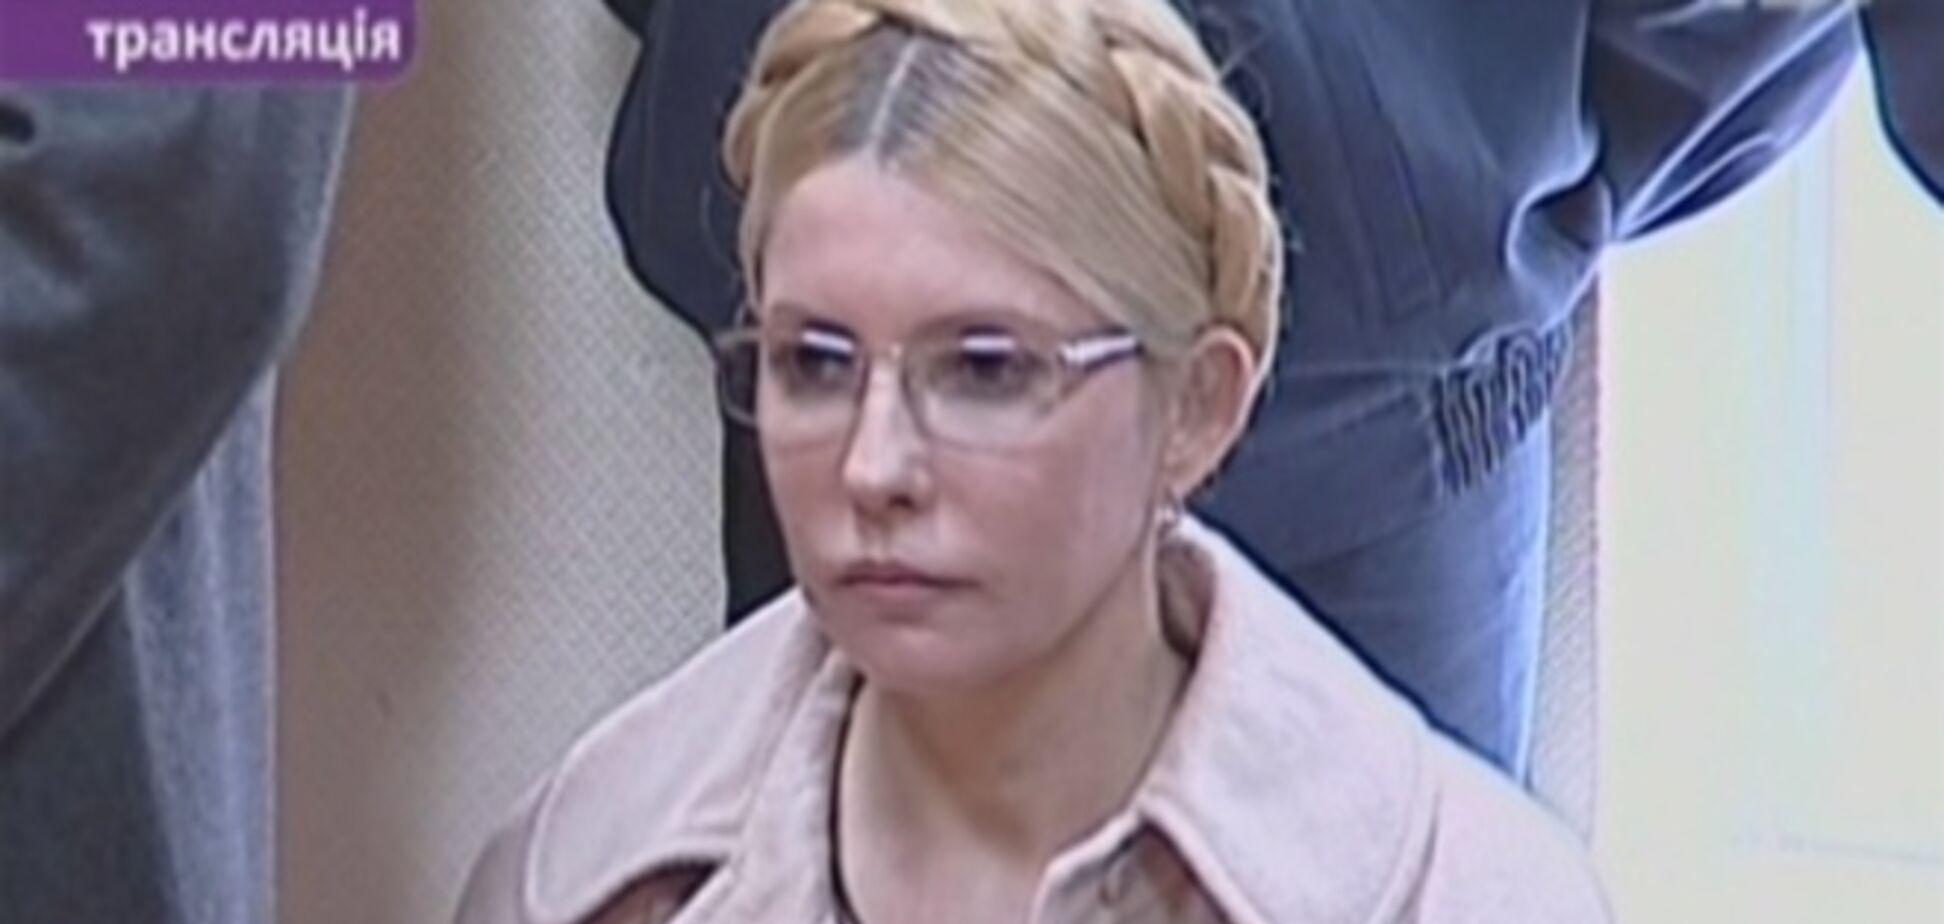 ГПУ вплотную занялась судьей Киреевым